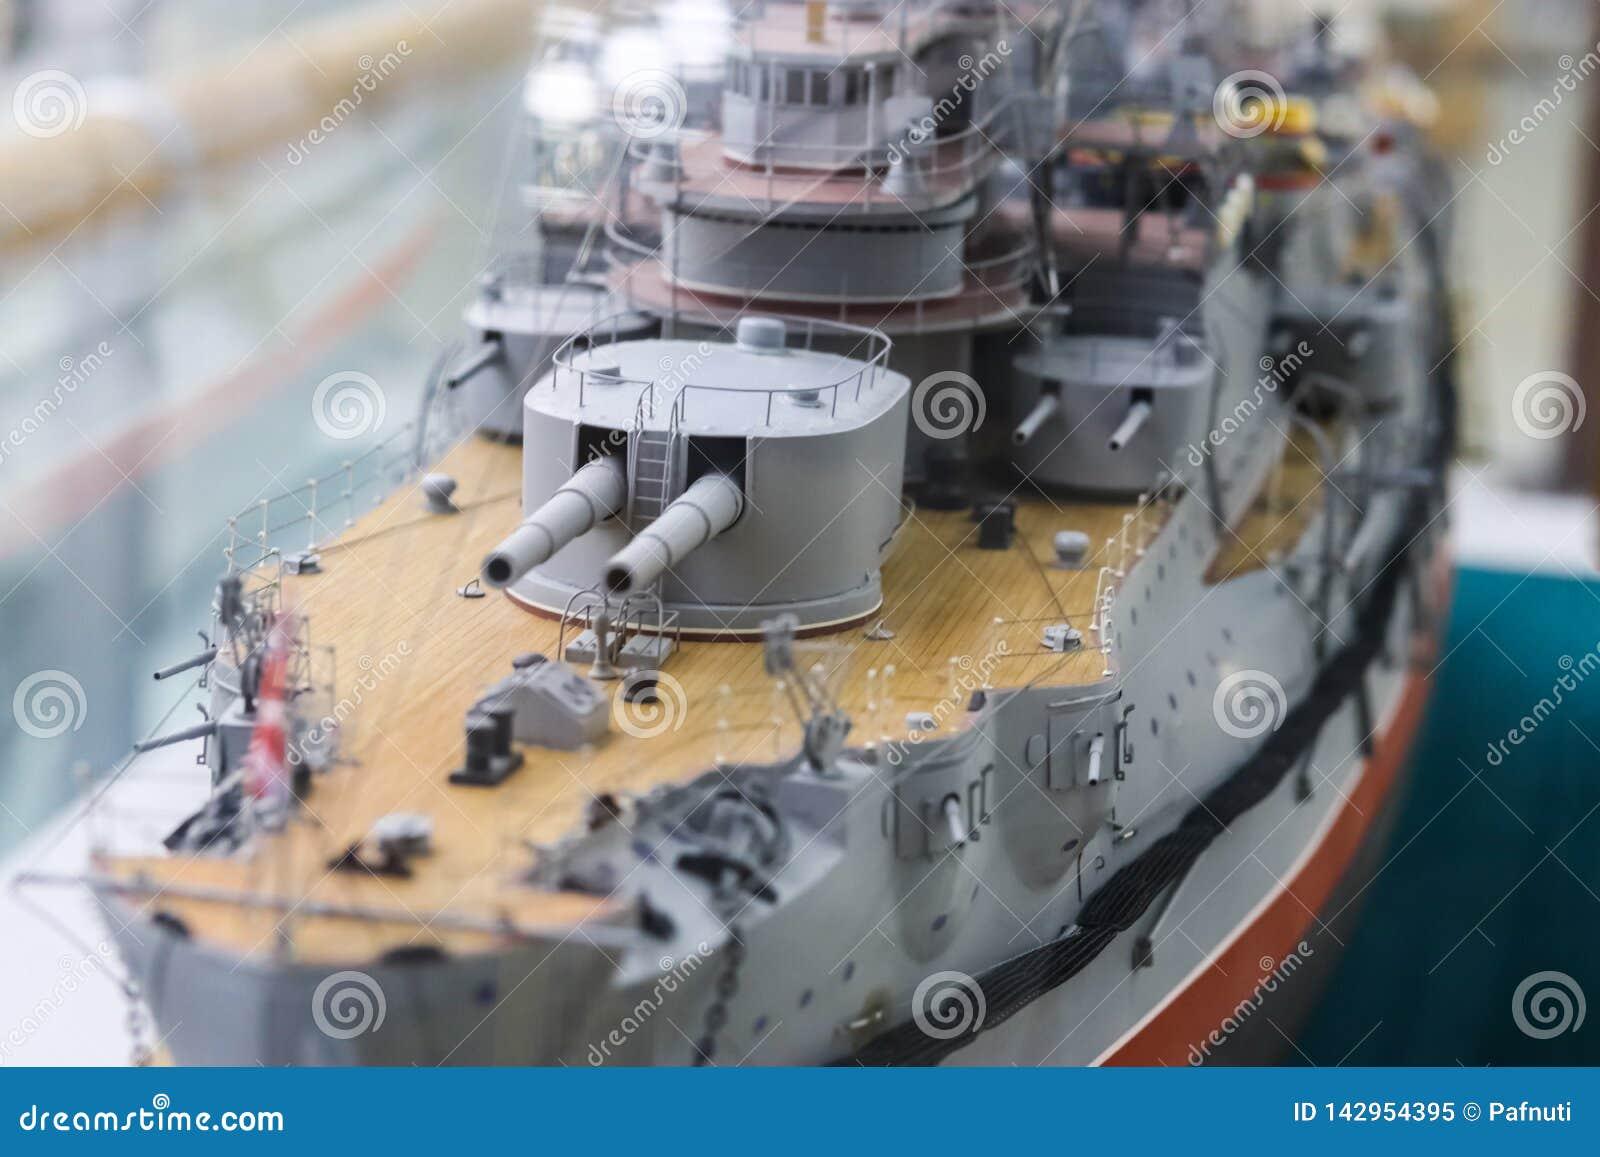 Modelo de um navio de guerra velho